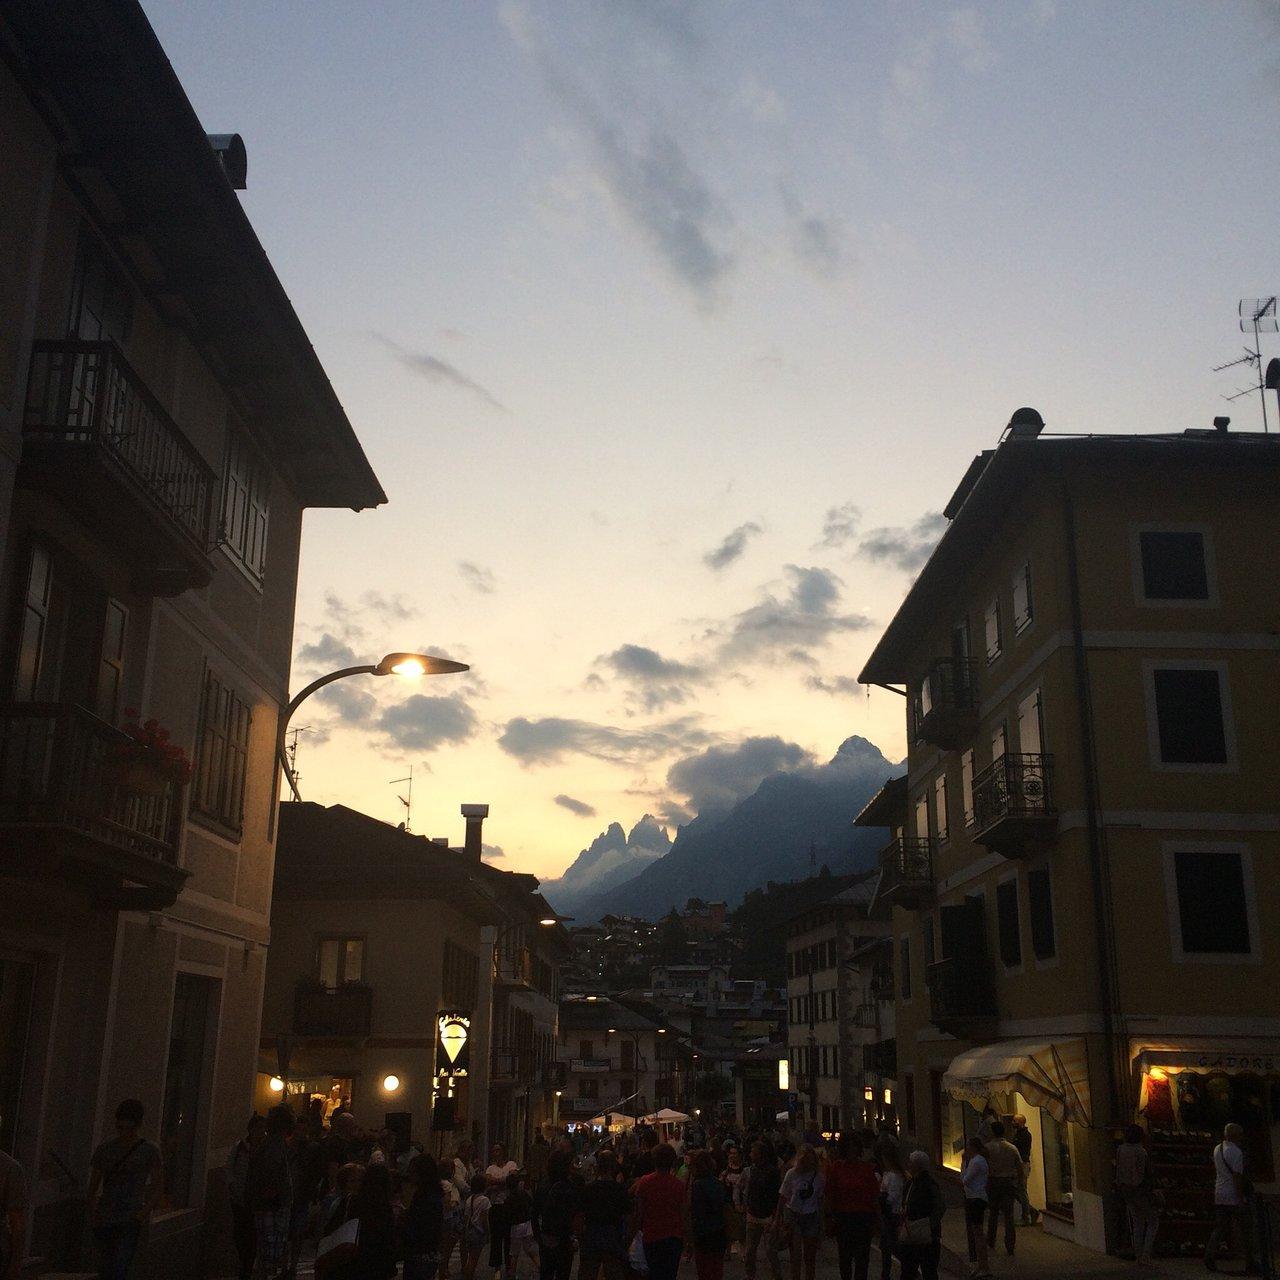 Corte Delle Dolomiti Spa the best calalzo di cadore spa resorts of 2020 (with prices